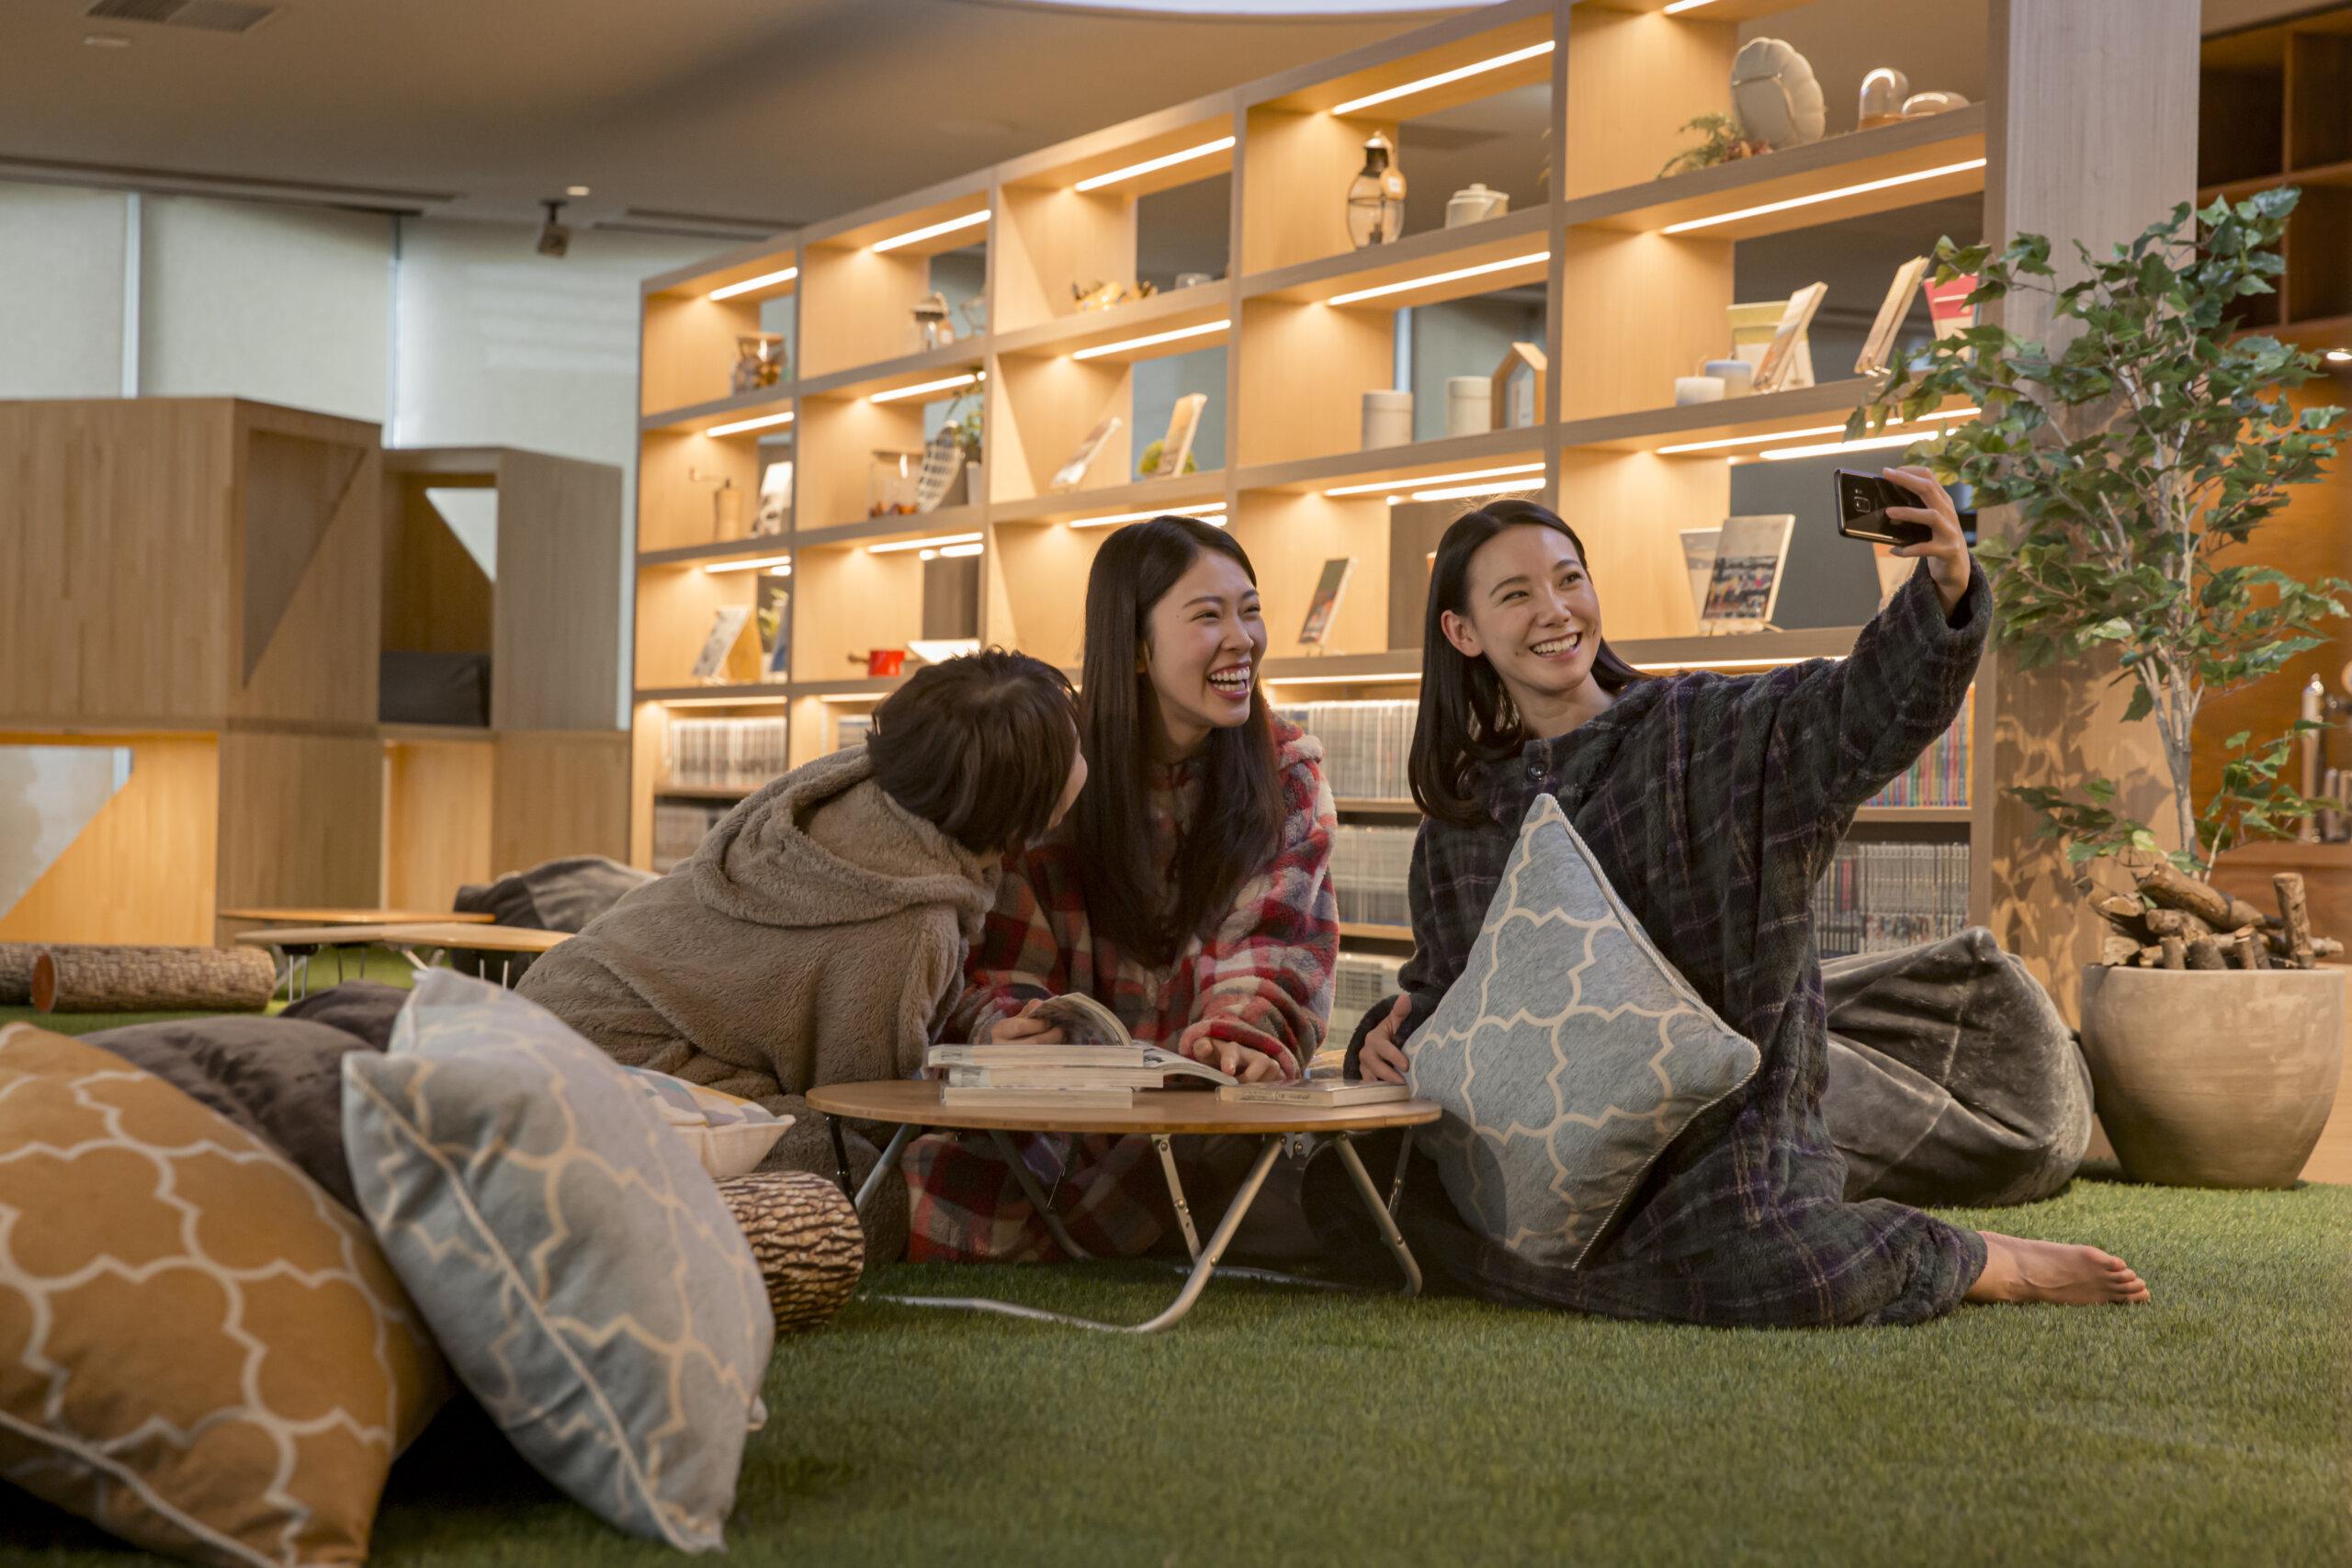 芦別温泉OFURO café星遊館:提供全新概念的入浴空間,度過悠閒的時光